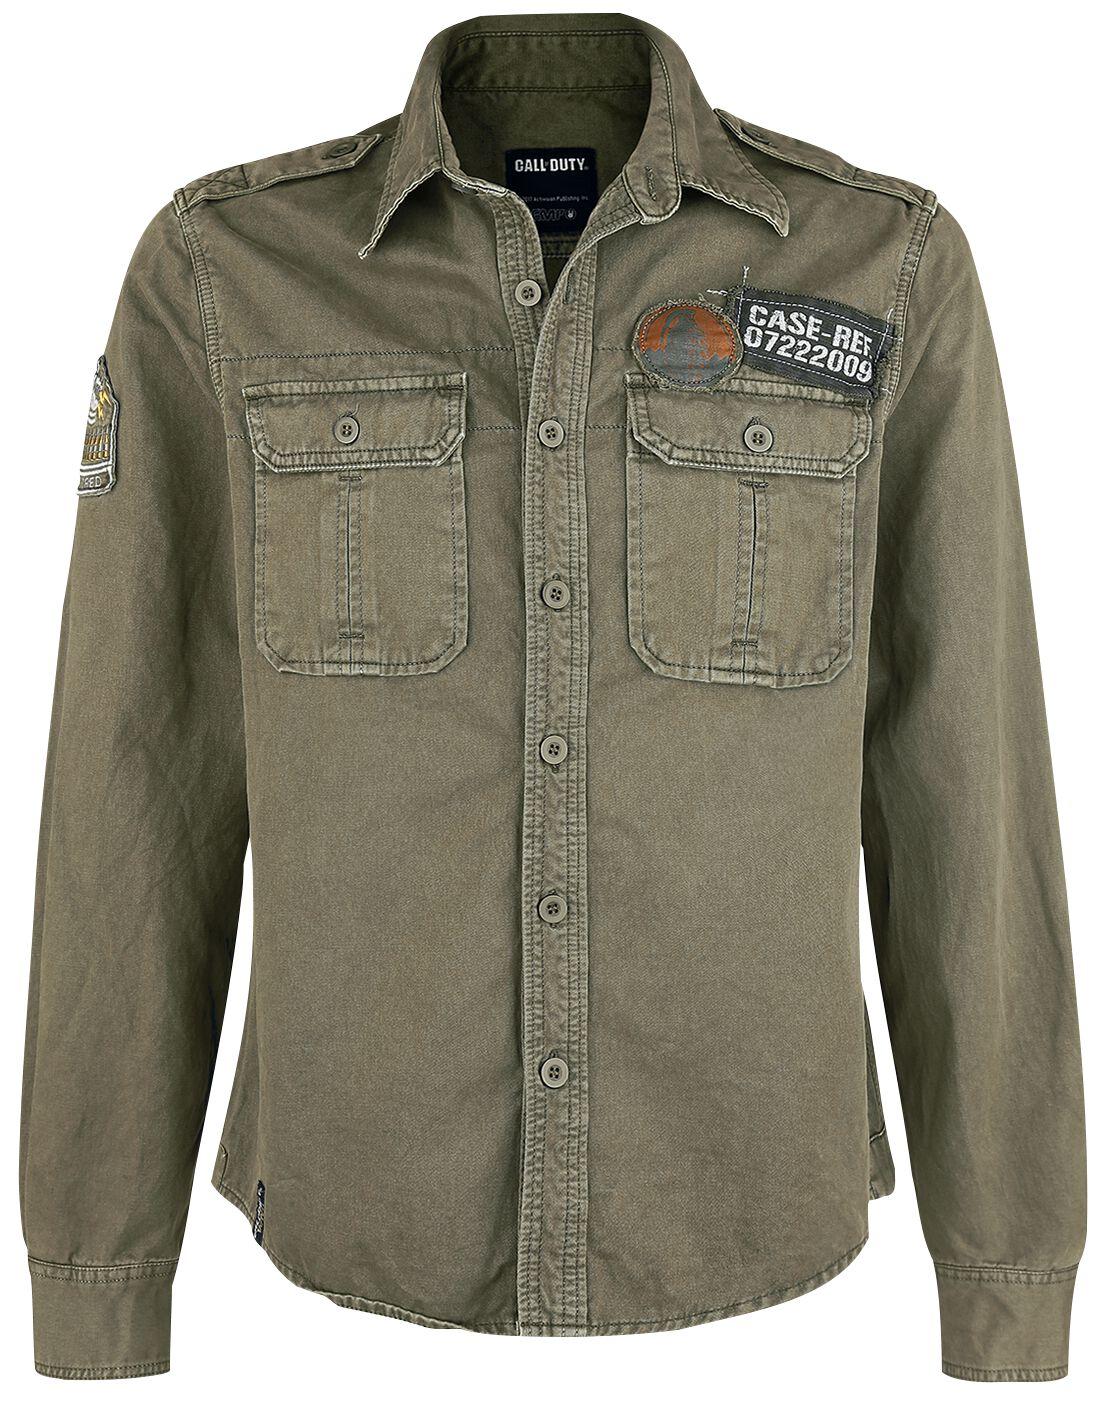 Merch dla Fanów - Koszule z długim rękawem - Koszula Call Of Duty WWII Koszula oliwkowy - 366049